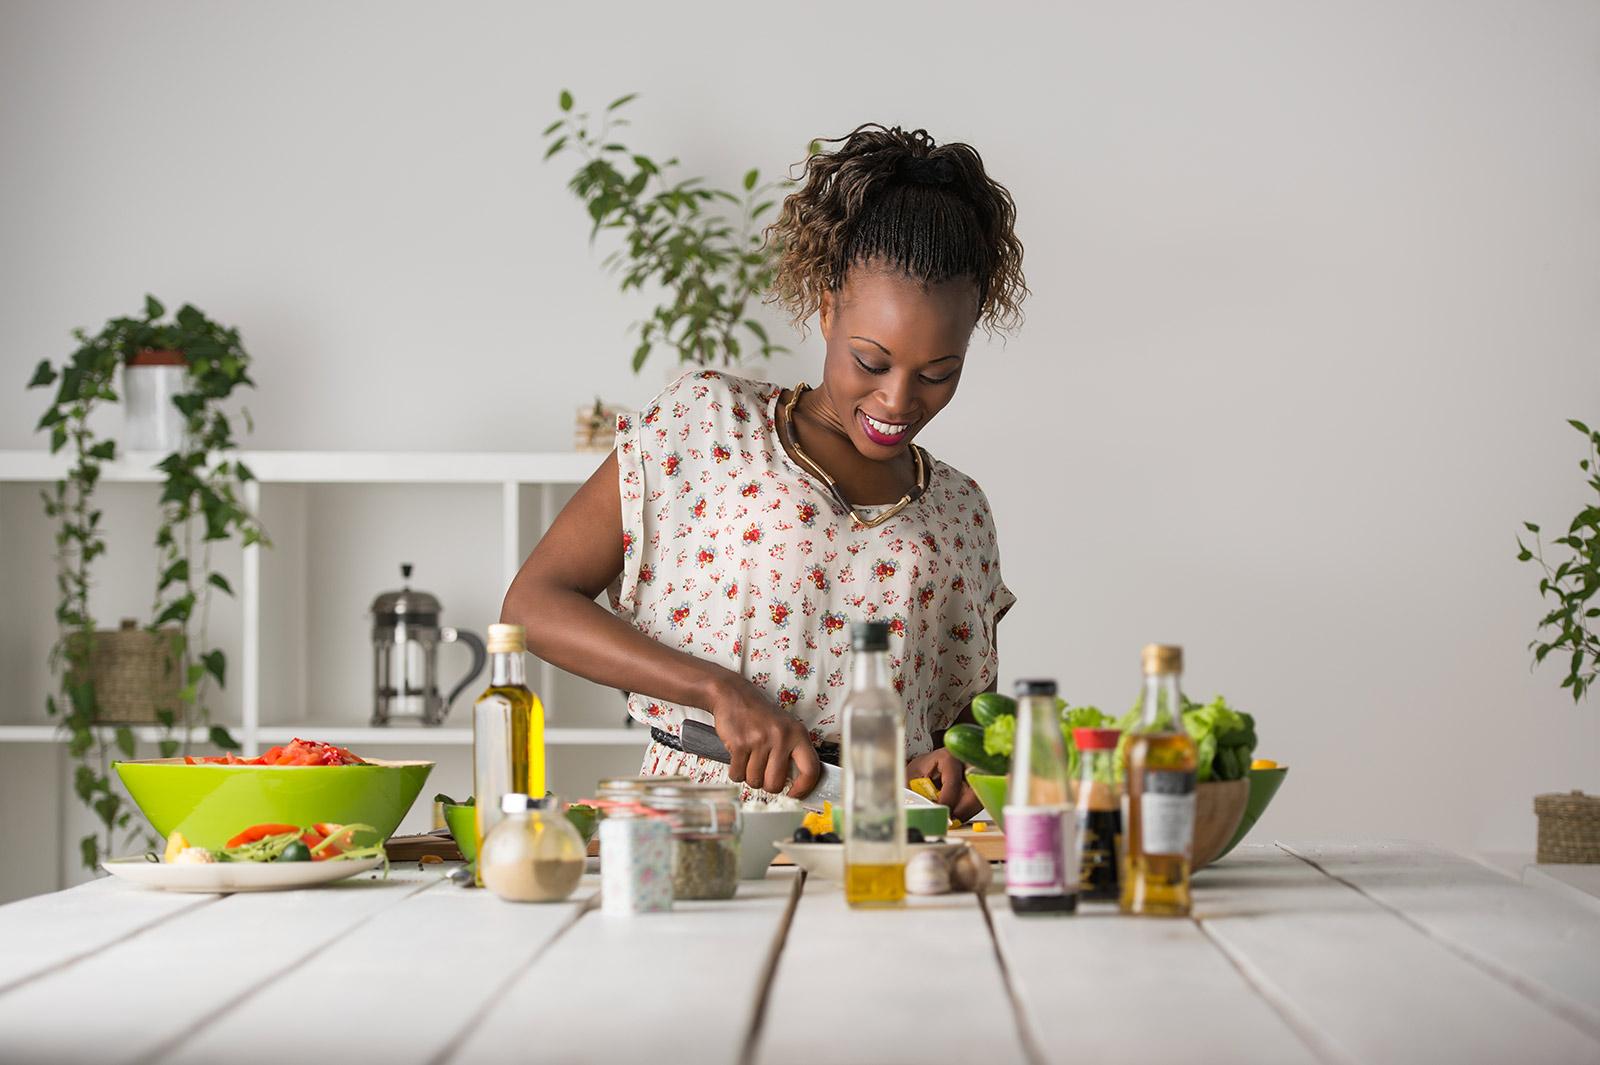 women-making-salad